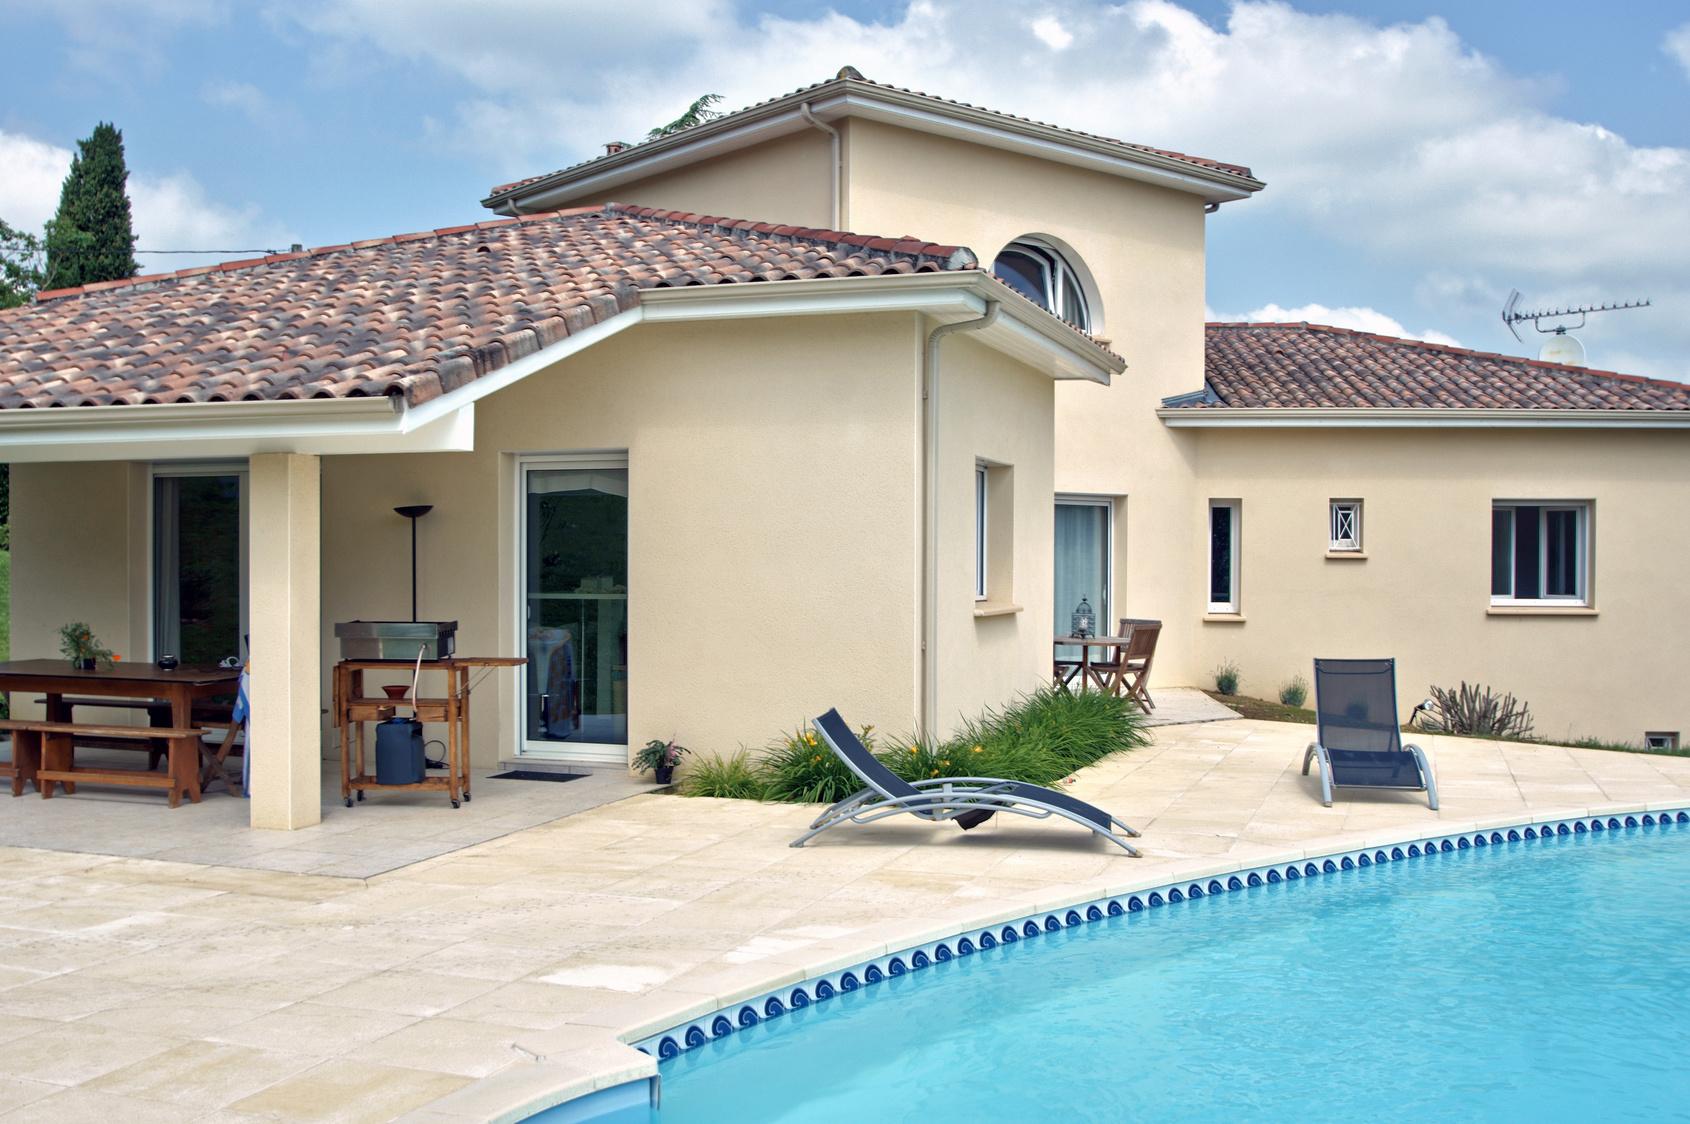 Artisan terrasse bois toulouse diverses id es de conception de patio en bois pour for Terrasse bois piscine toulouse